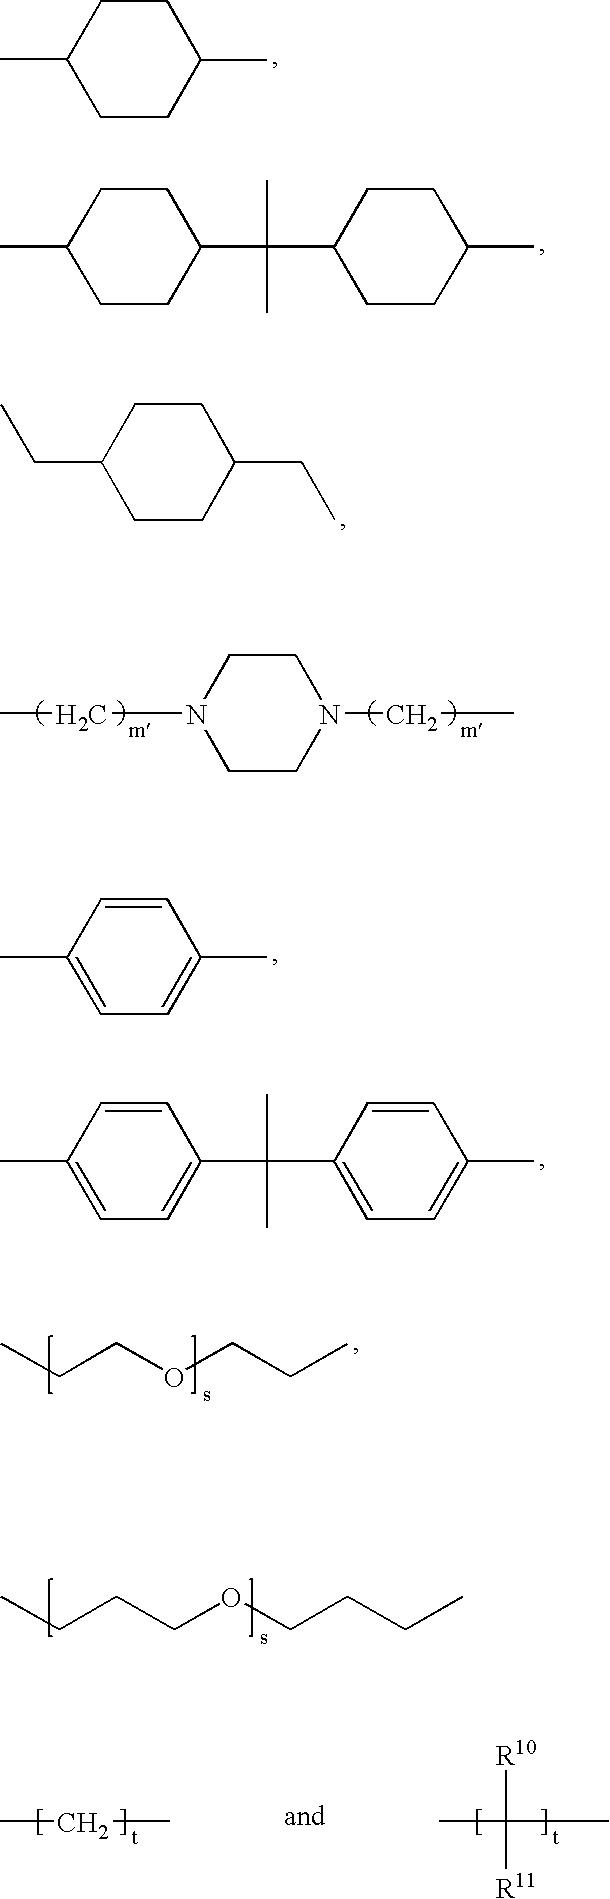 Figure US20060235084A1-20061019-C00085